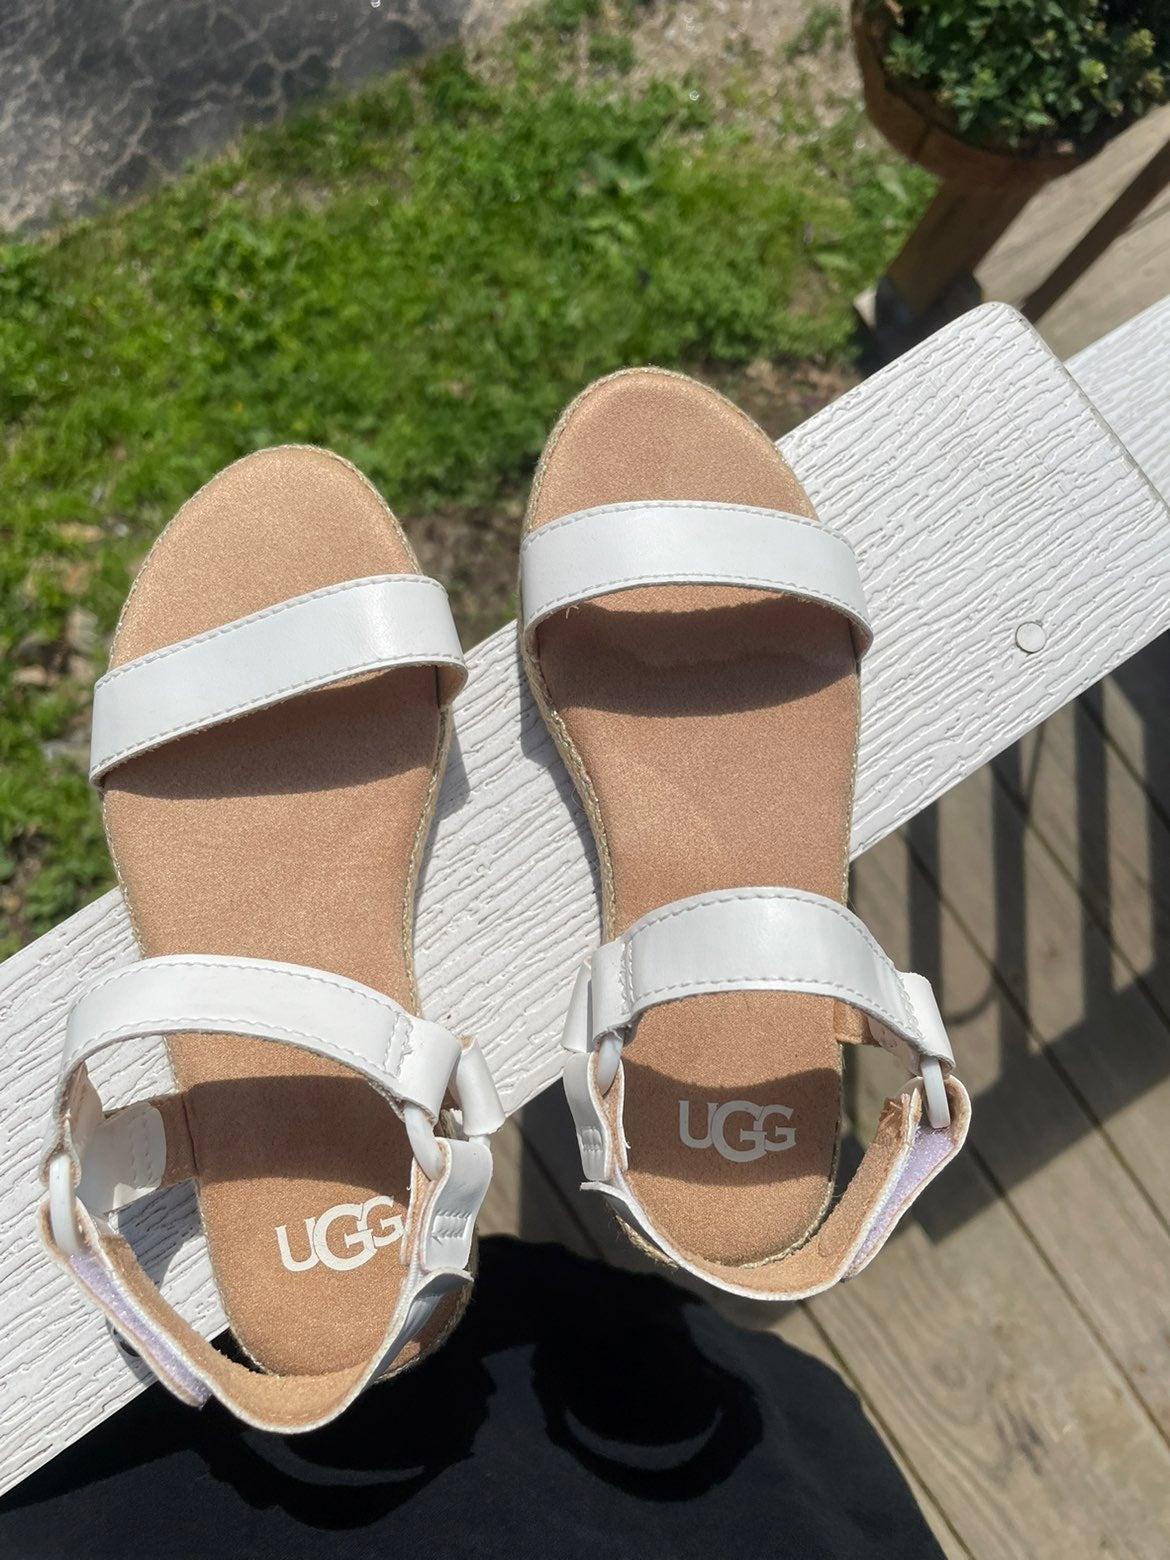 Ugg Toddler Sandals